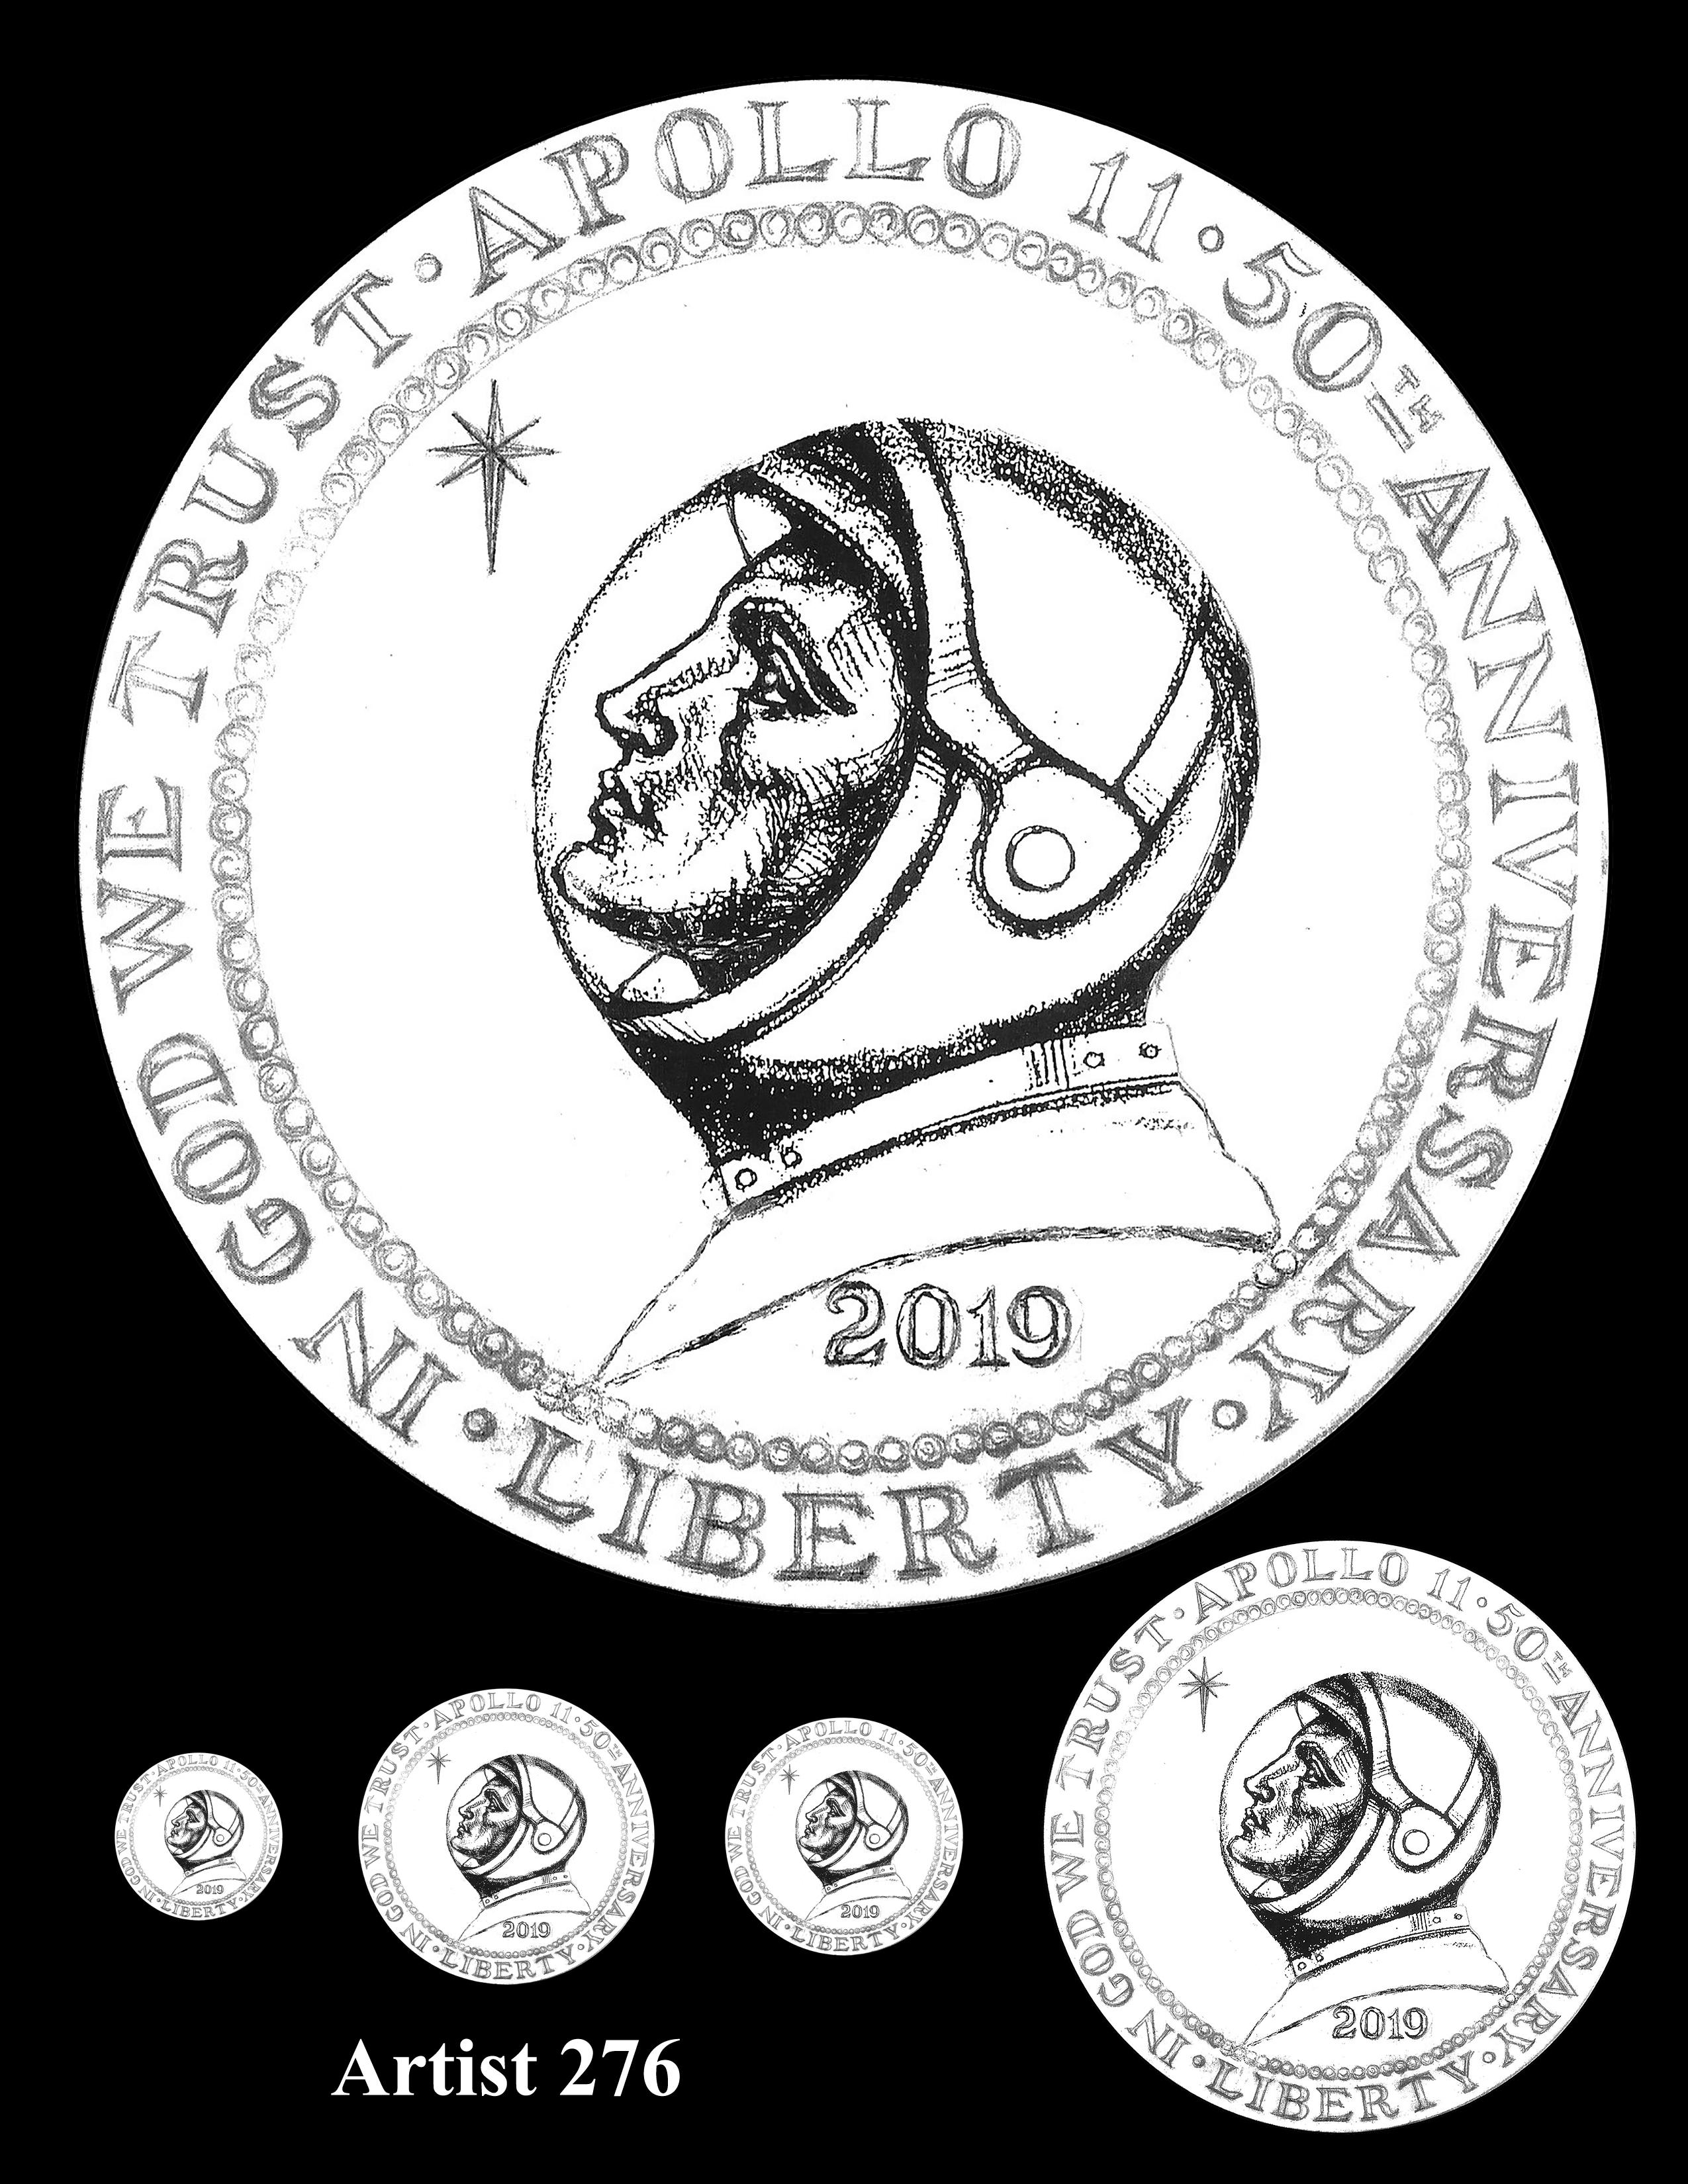 Artist 276 -- Apollo 11 50th Anniversary Commemorative Coin Obverse Design Competition